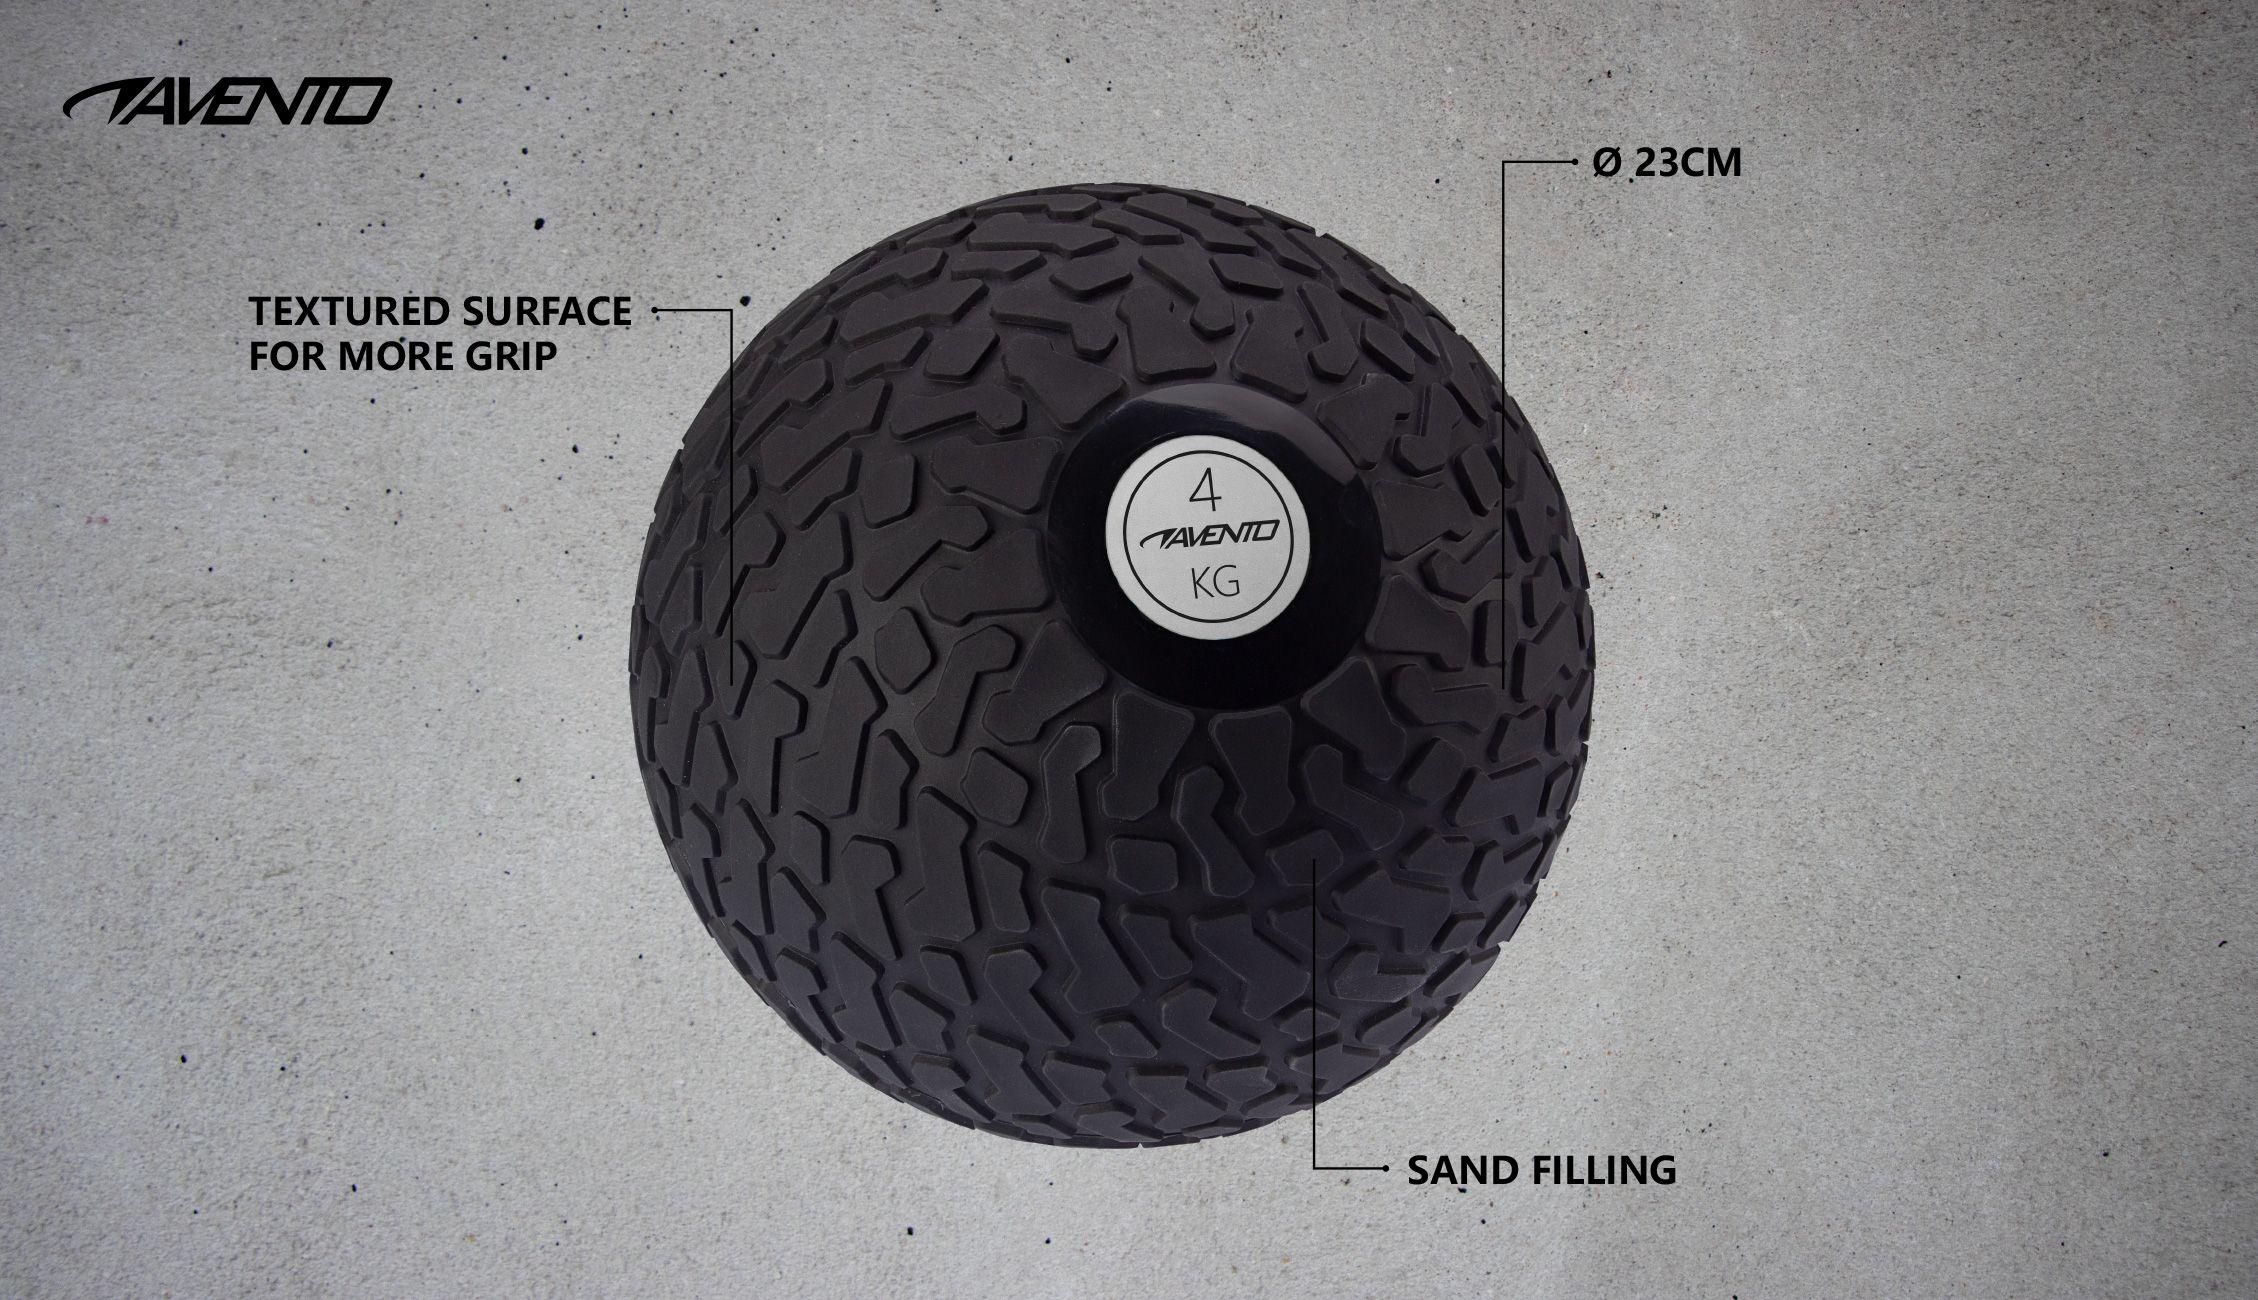 Minge Slam Ball Textured, 4 Kg